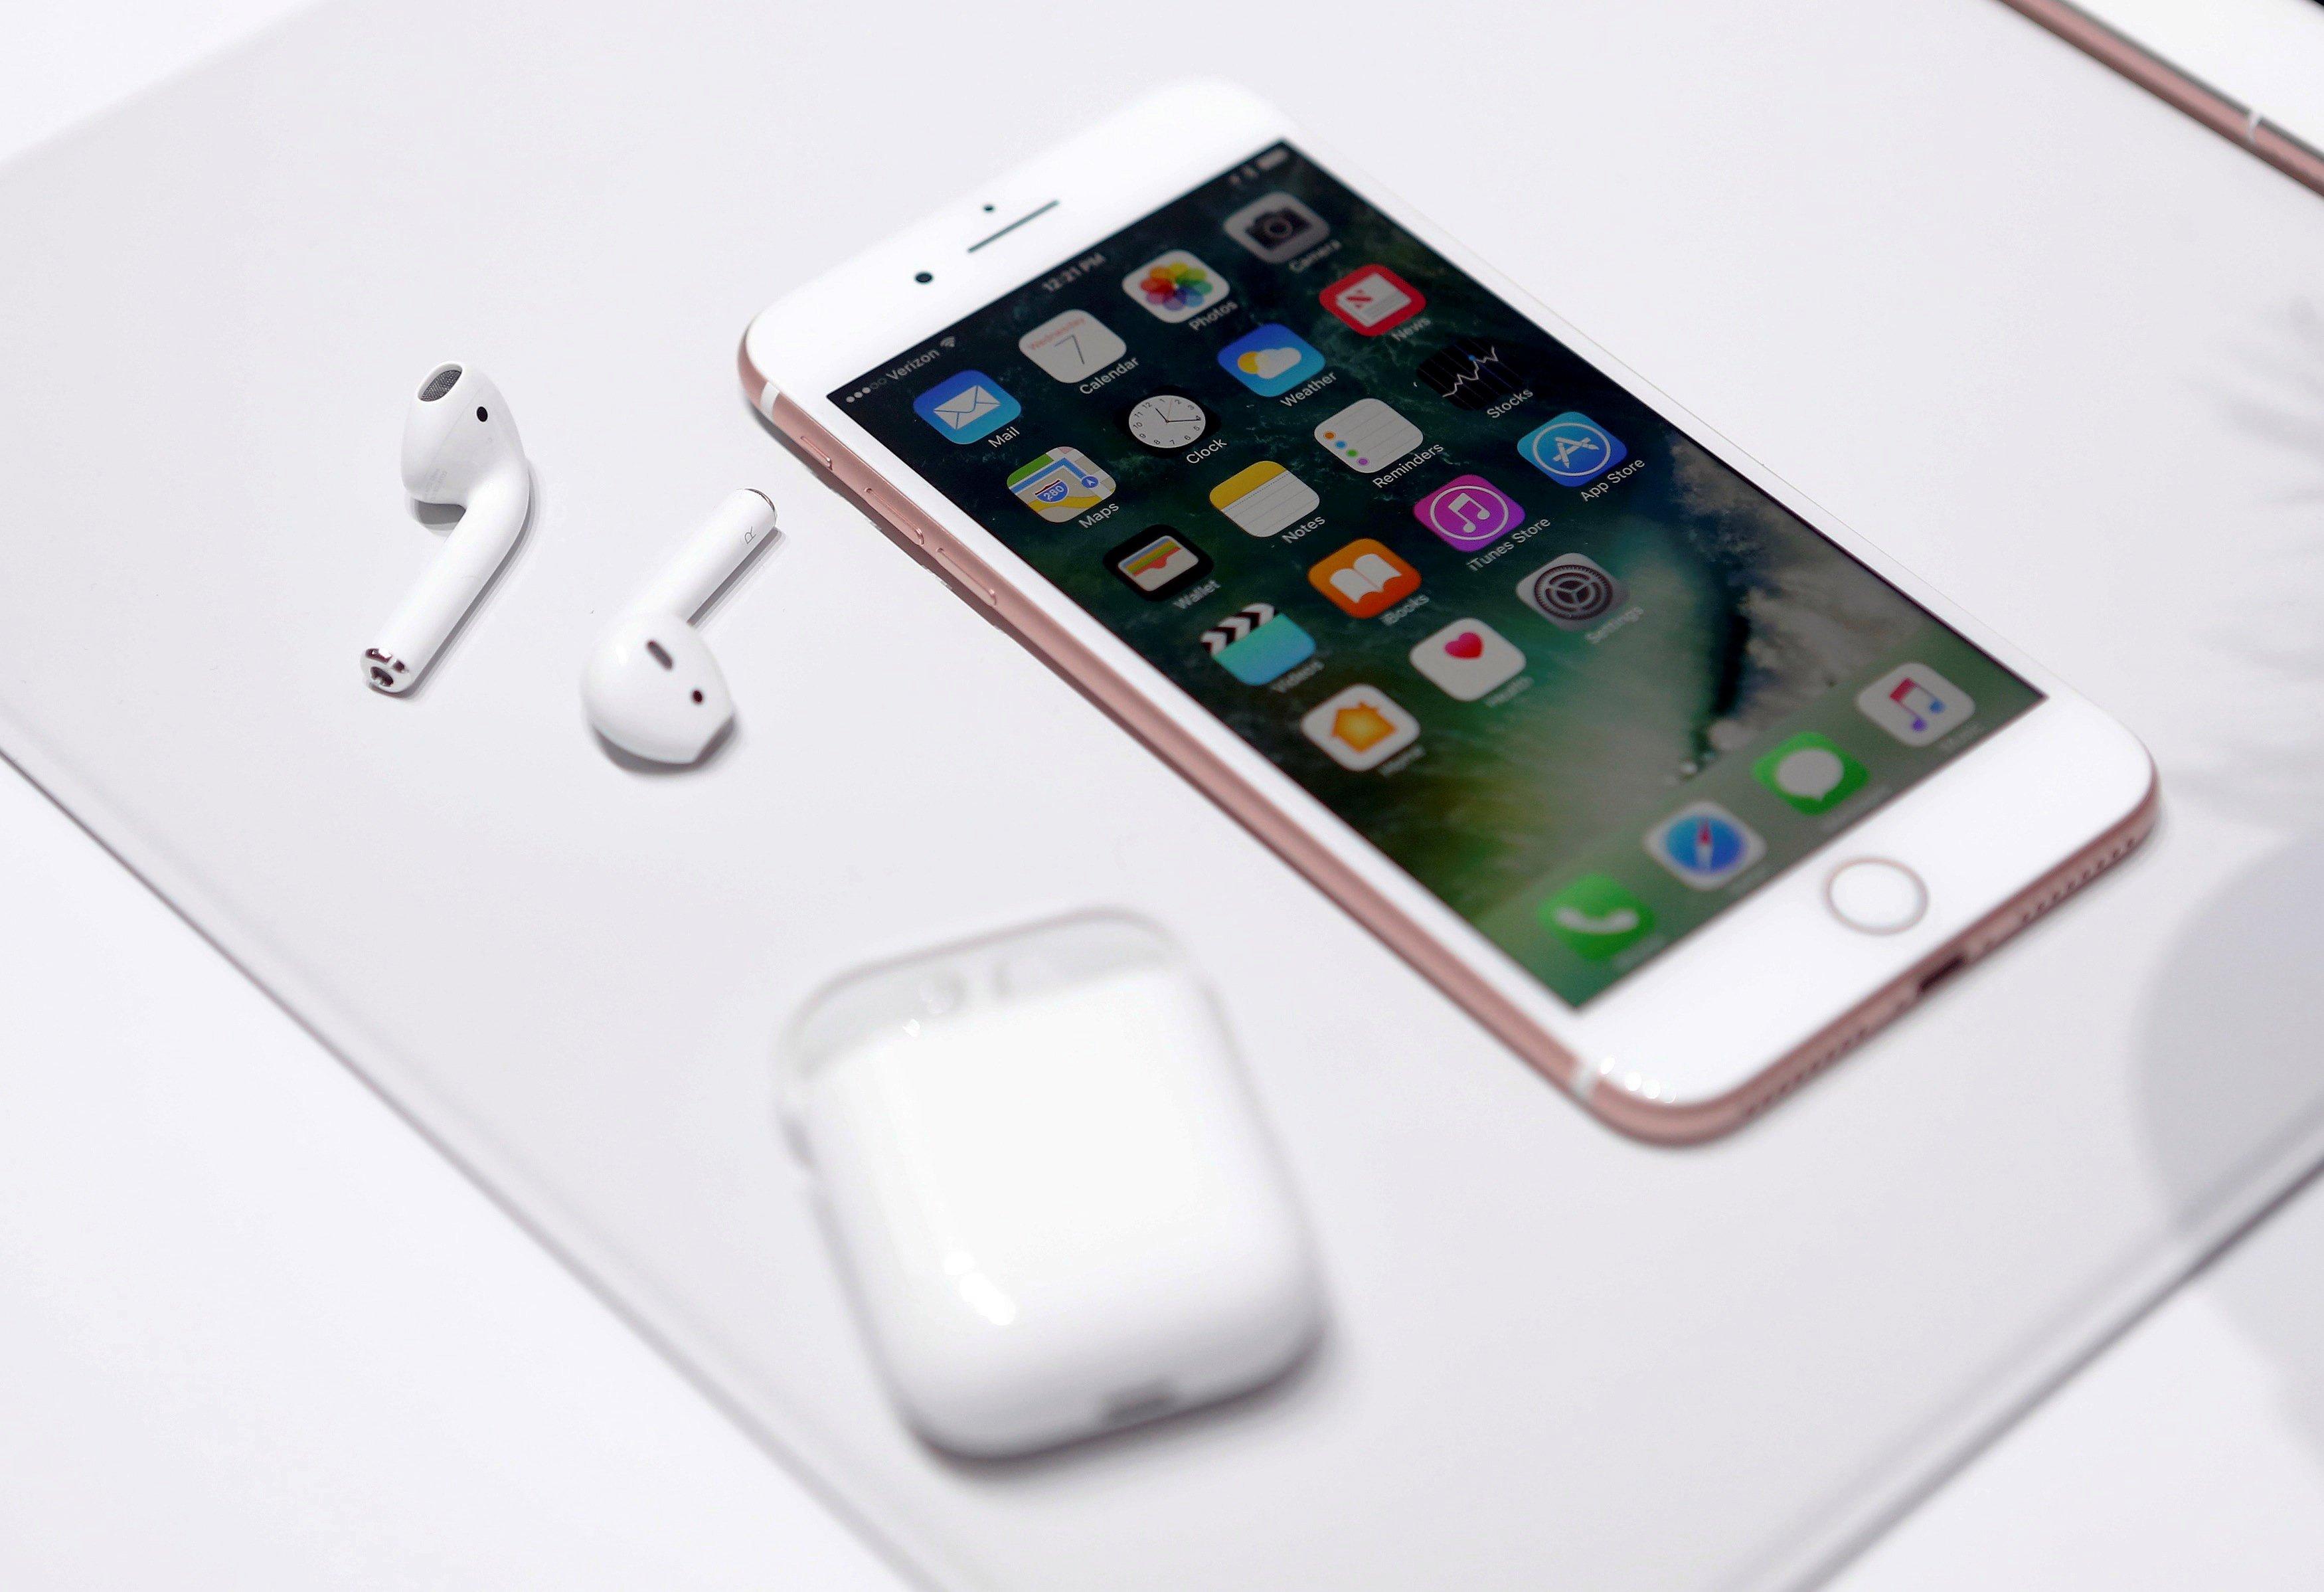 Airpods sind Applekabellose Kopfhörer, die nicht angeschlossen werden müssen